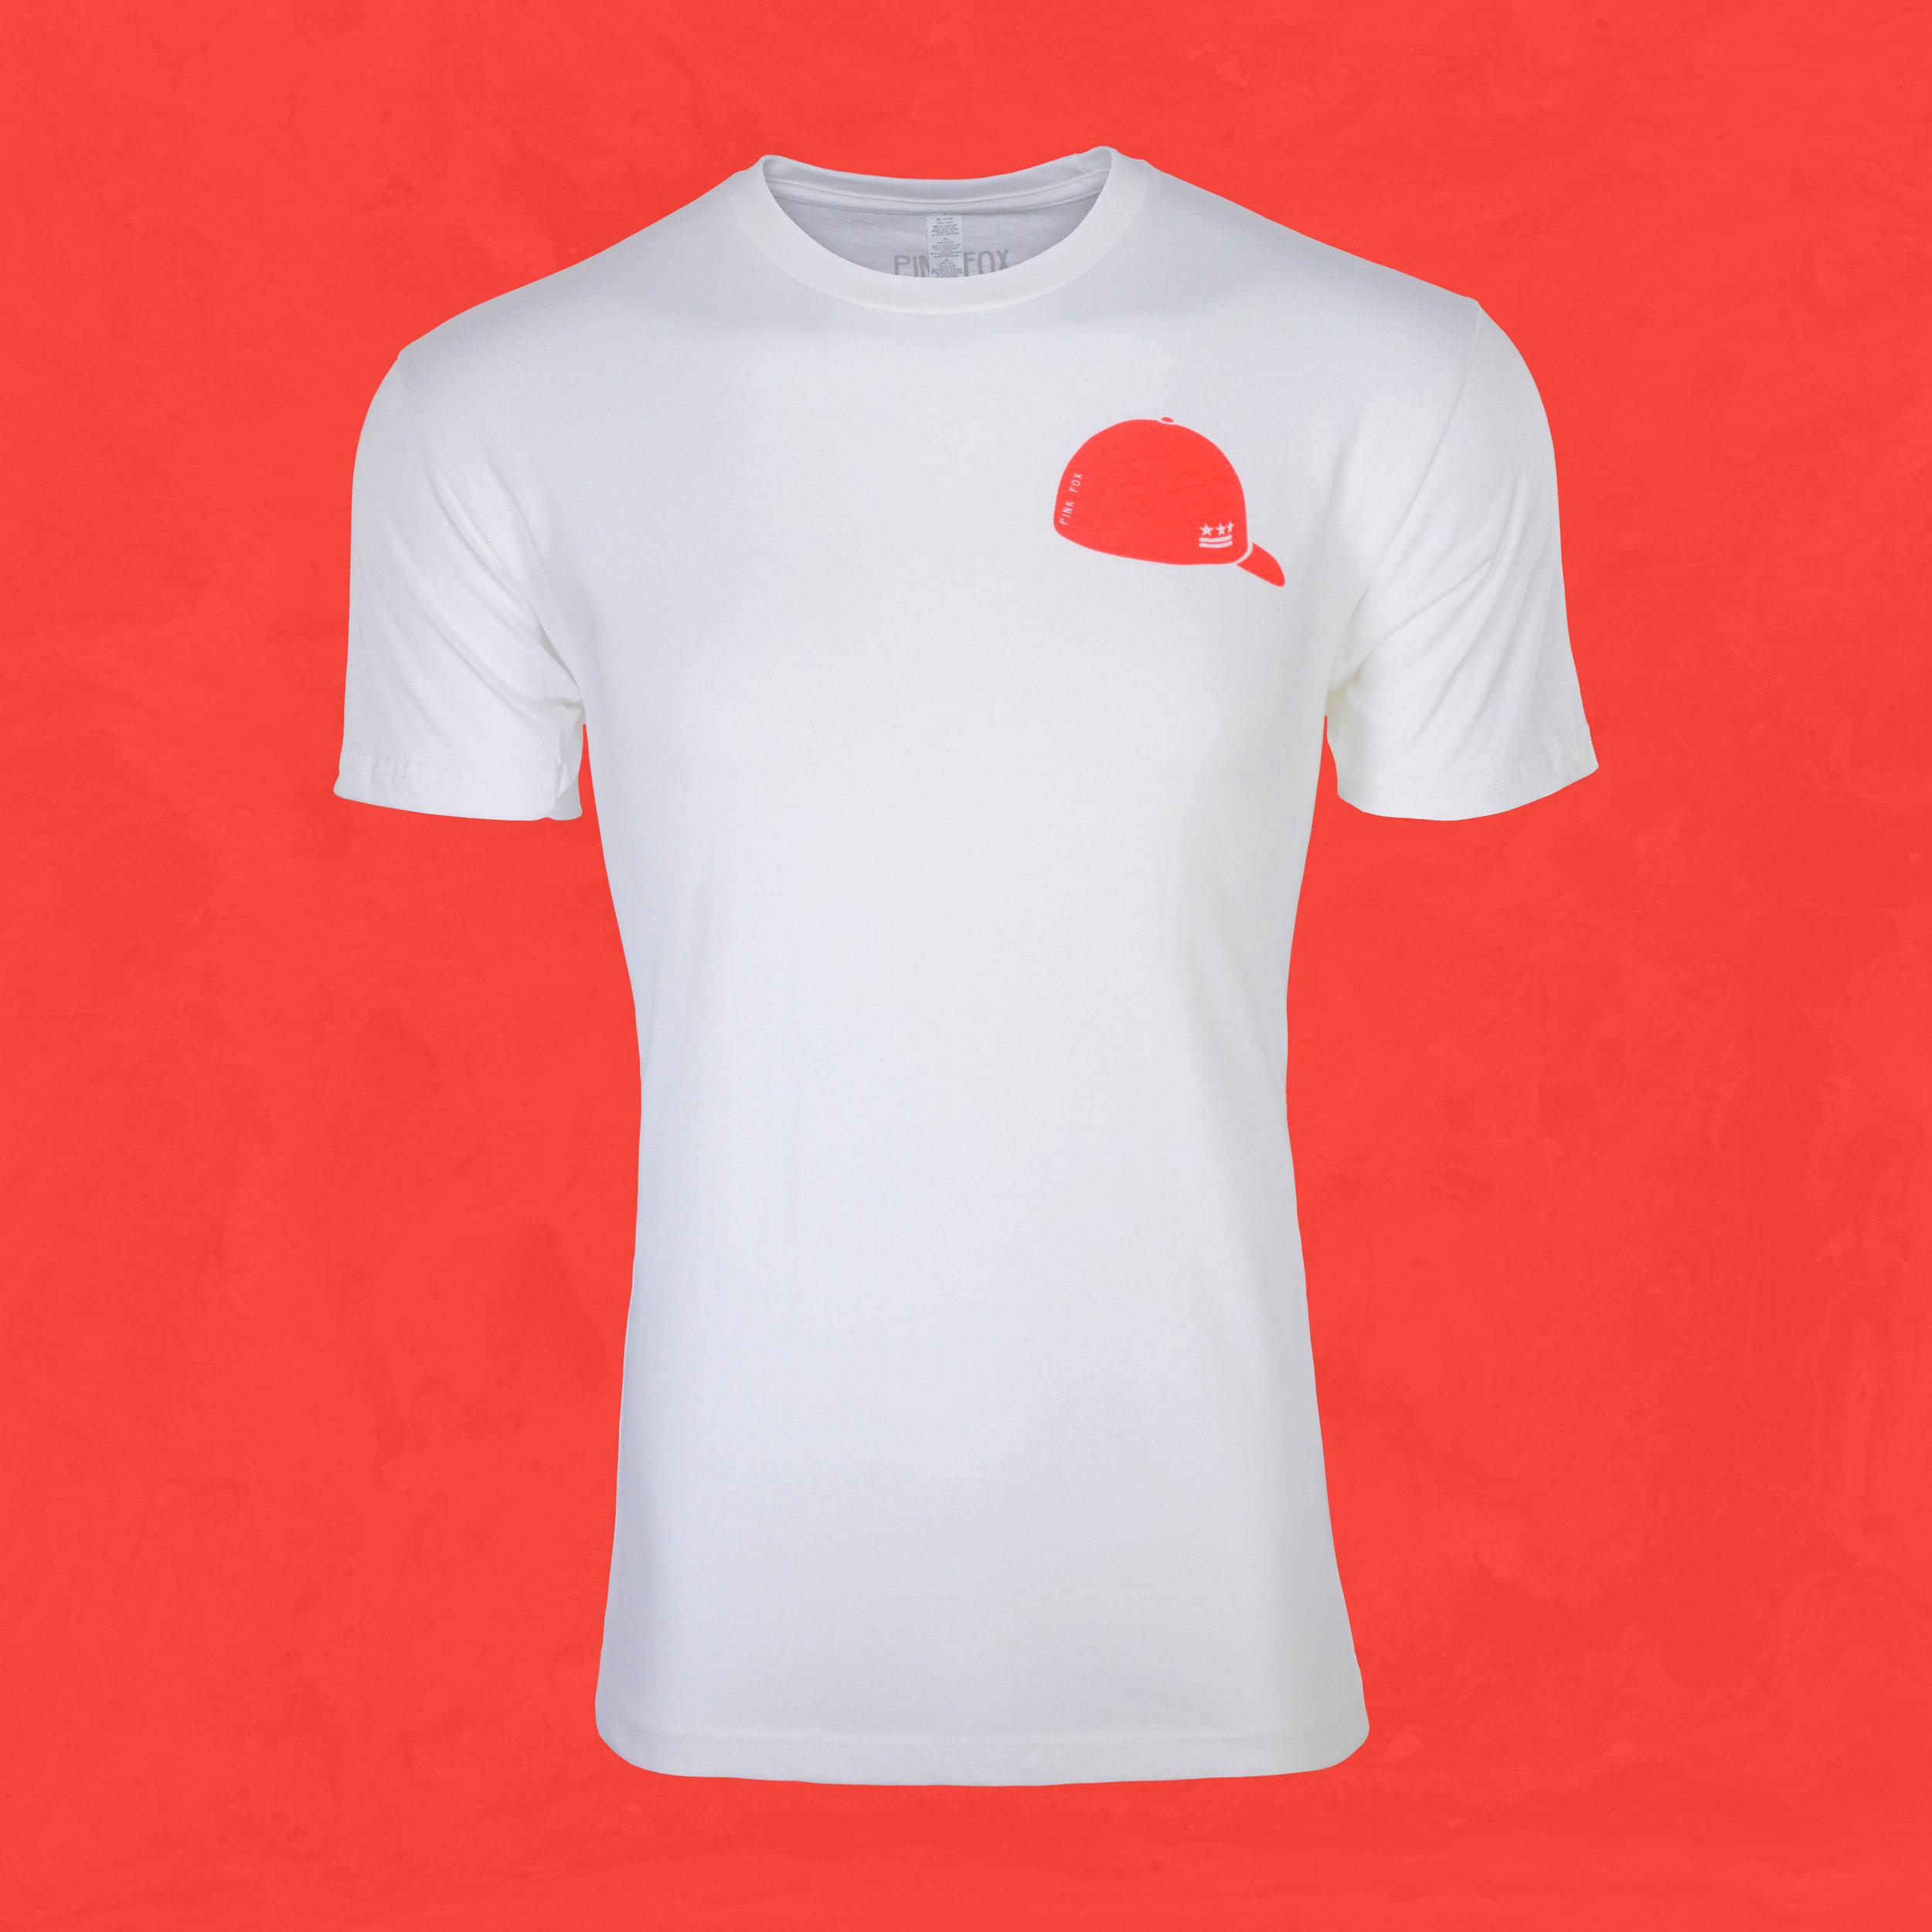 Hat Print Tee FRONT White Red for IG v4.jpg